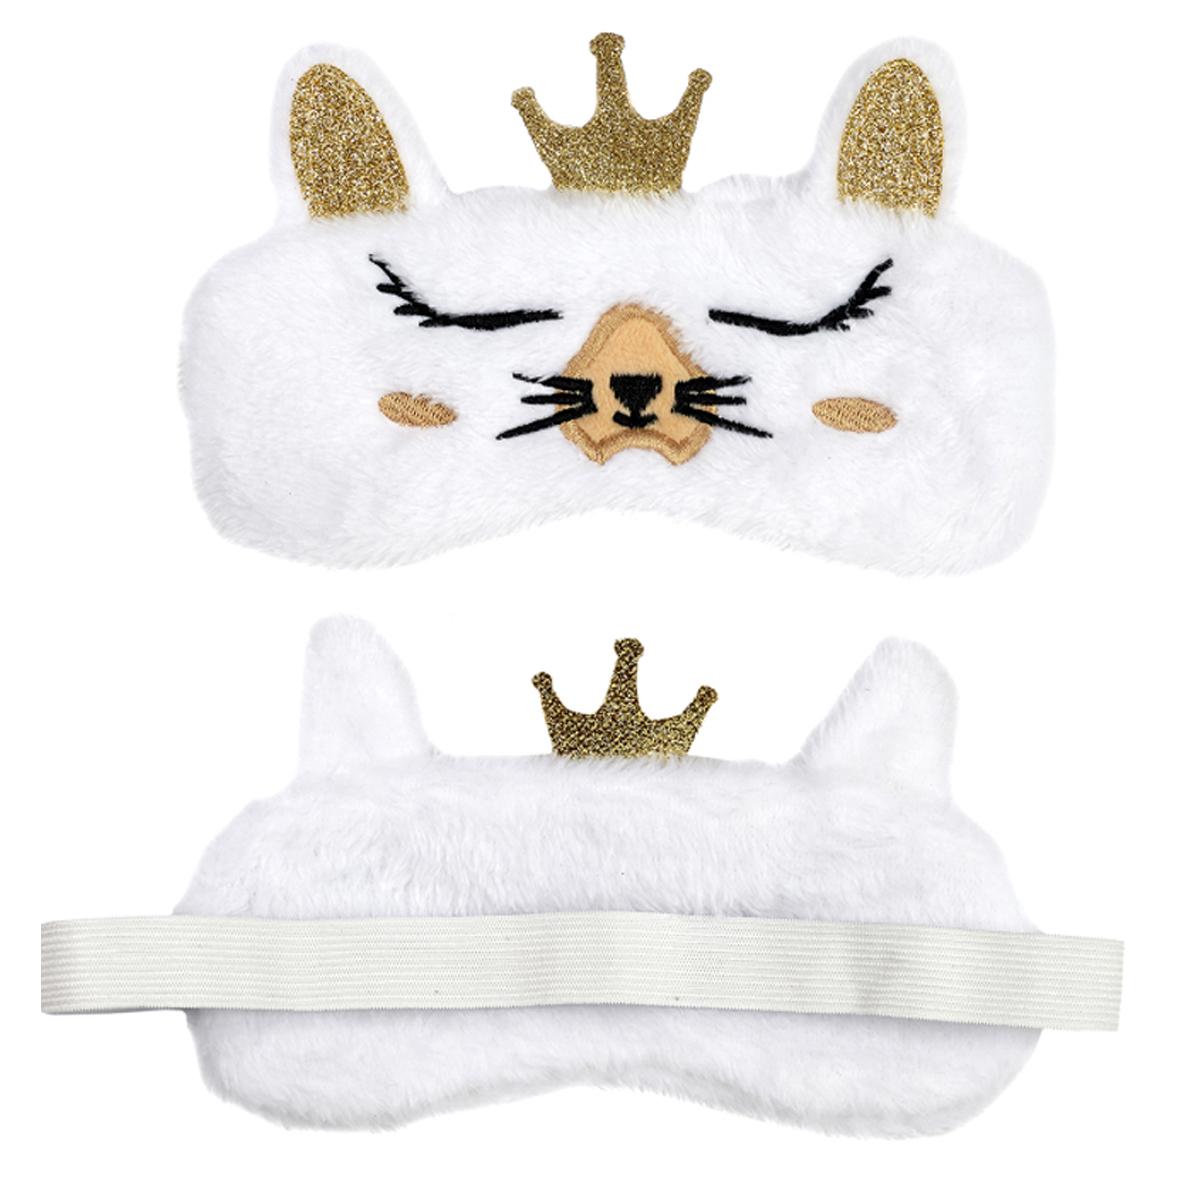 Masque de voyage / masque de nuit \'Animaux\' blanc doré (lapin) - 19x12 cm - [A1805]